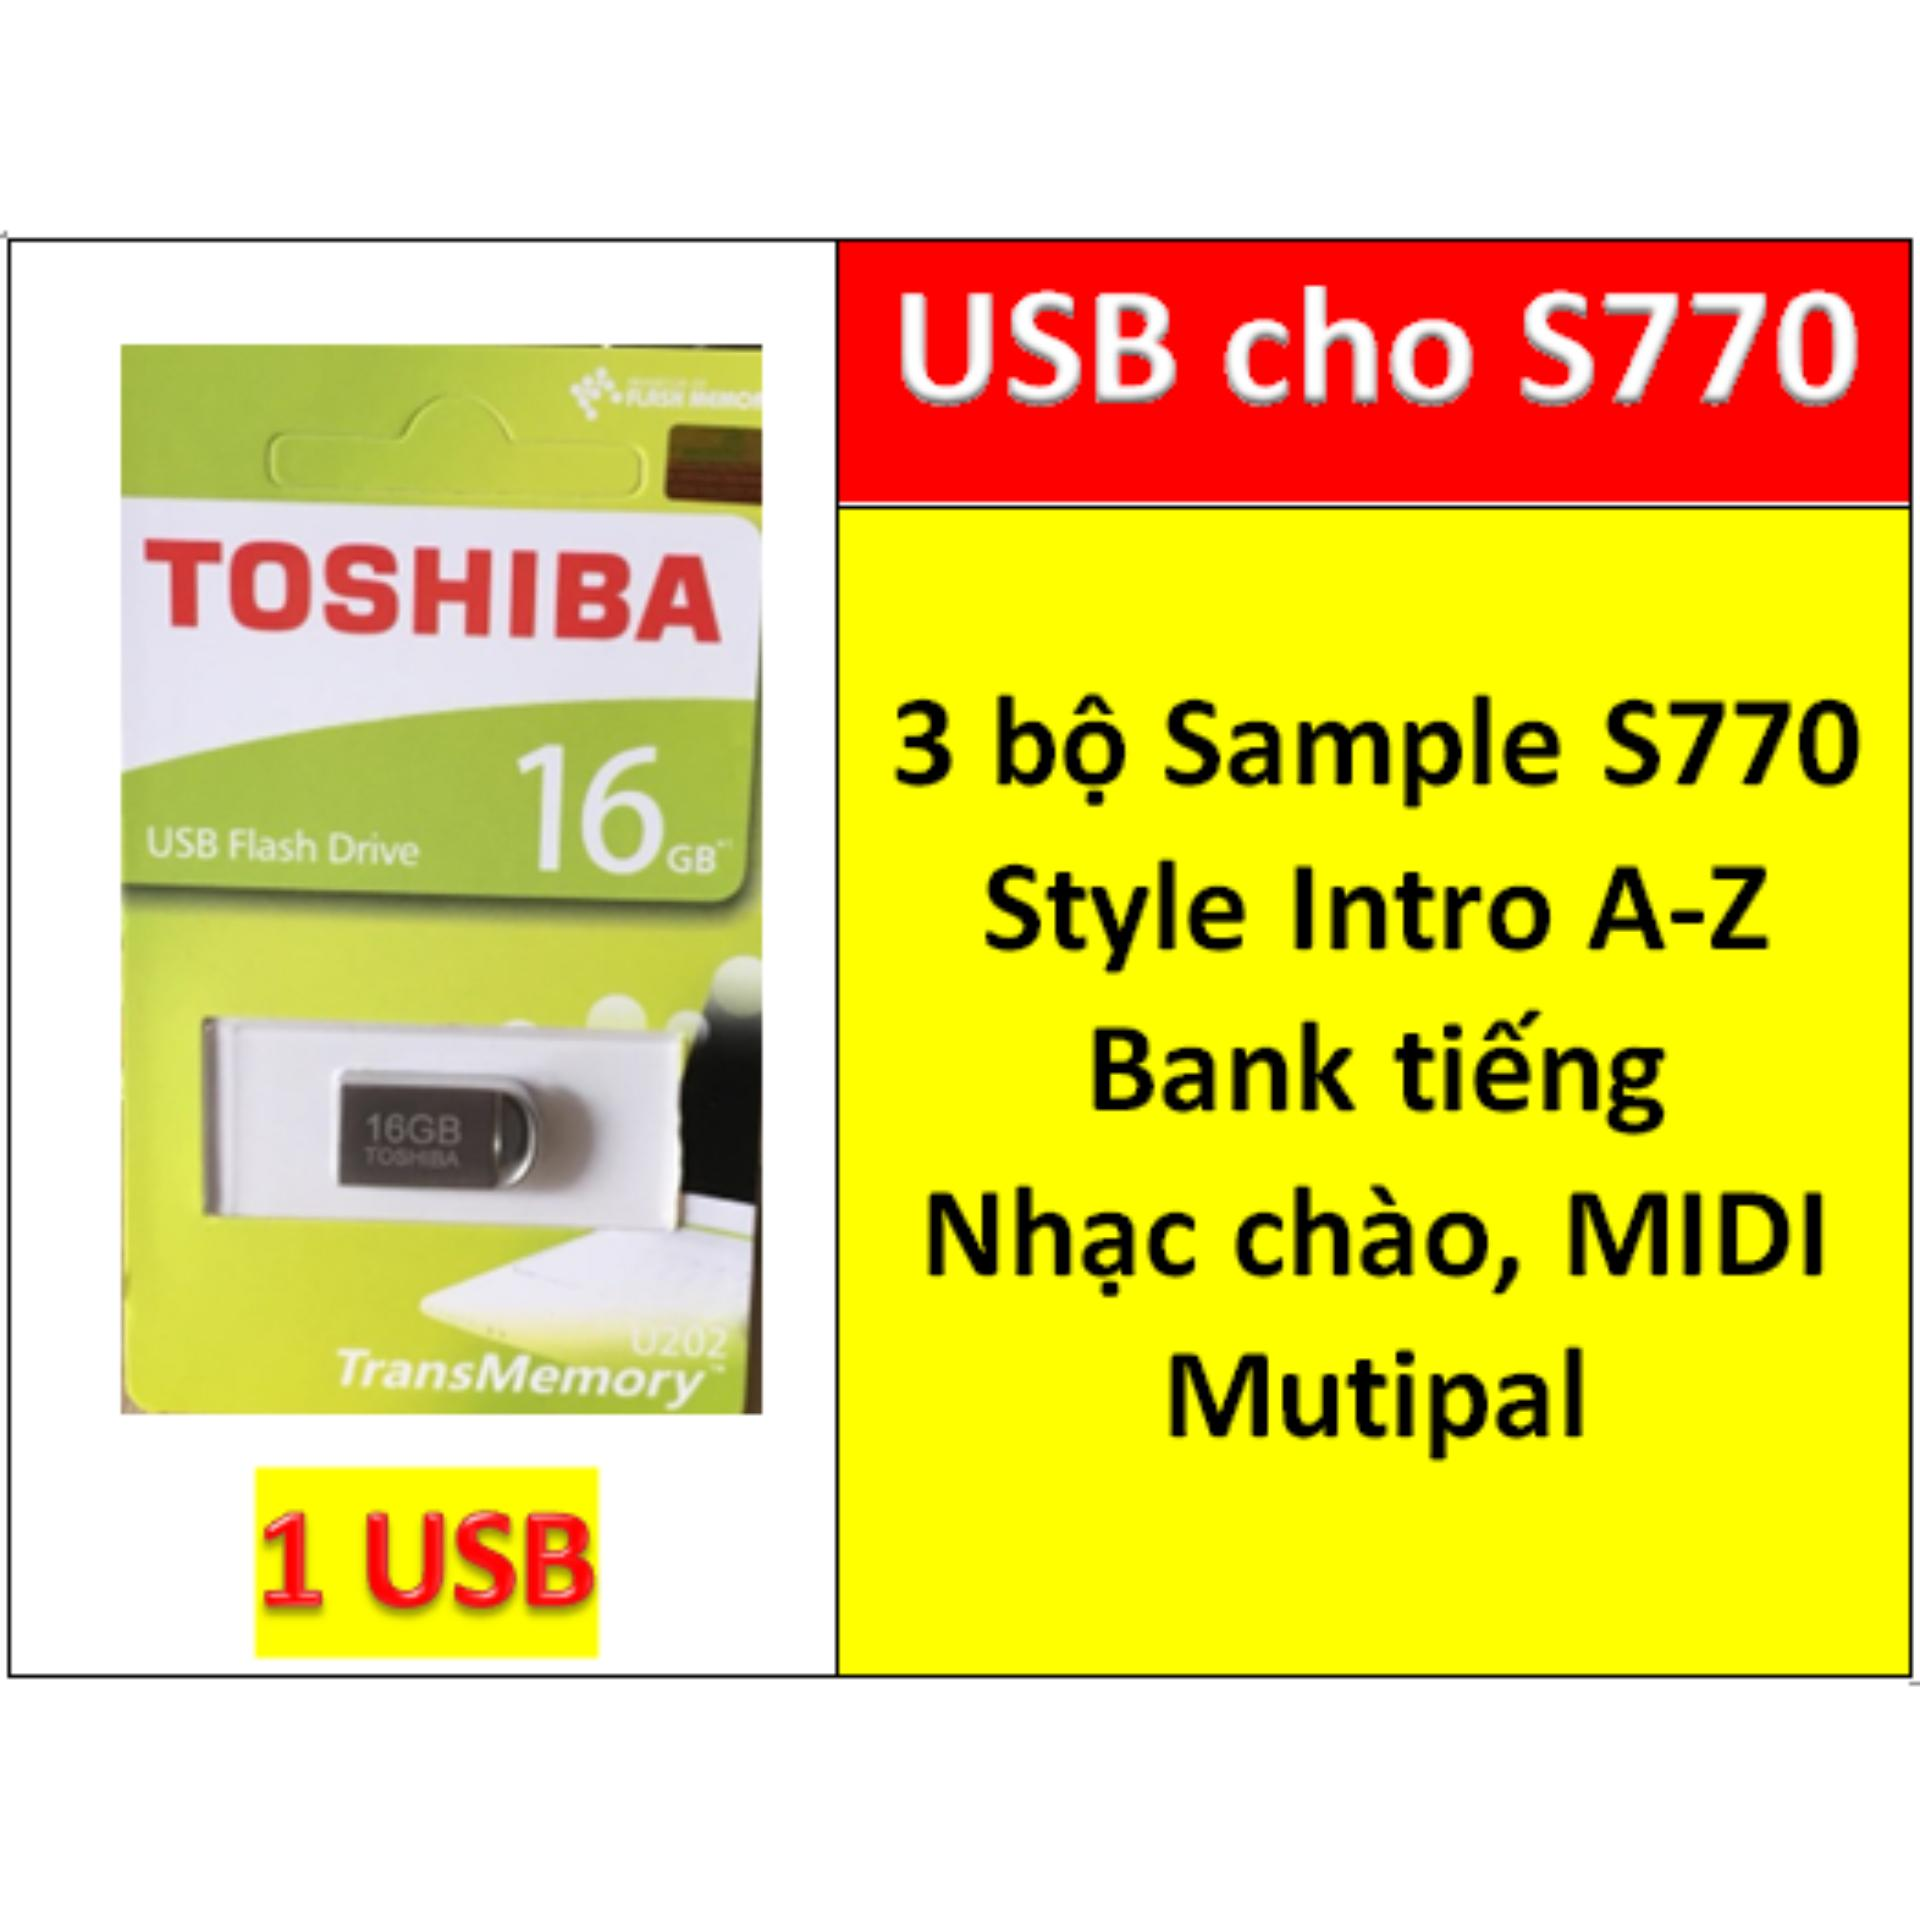 Voucher Khuyến Mãi USB Mini 3 BỘ Sample Cho đàn Organ Yamaha PSR S770, Style, Nhạc Chào, Songbook, Midi + Full Dữ Liệu Làm Show